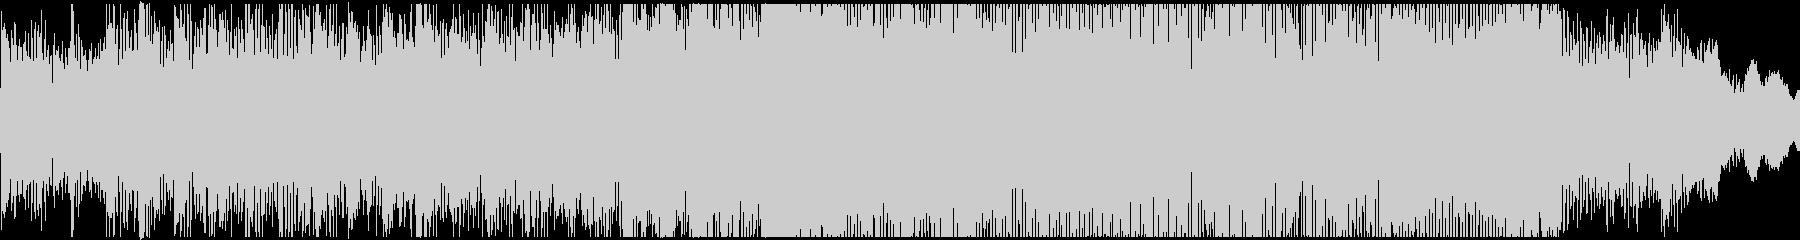 インダストリアルロック系ジングルの未再生の波形